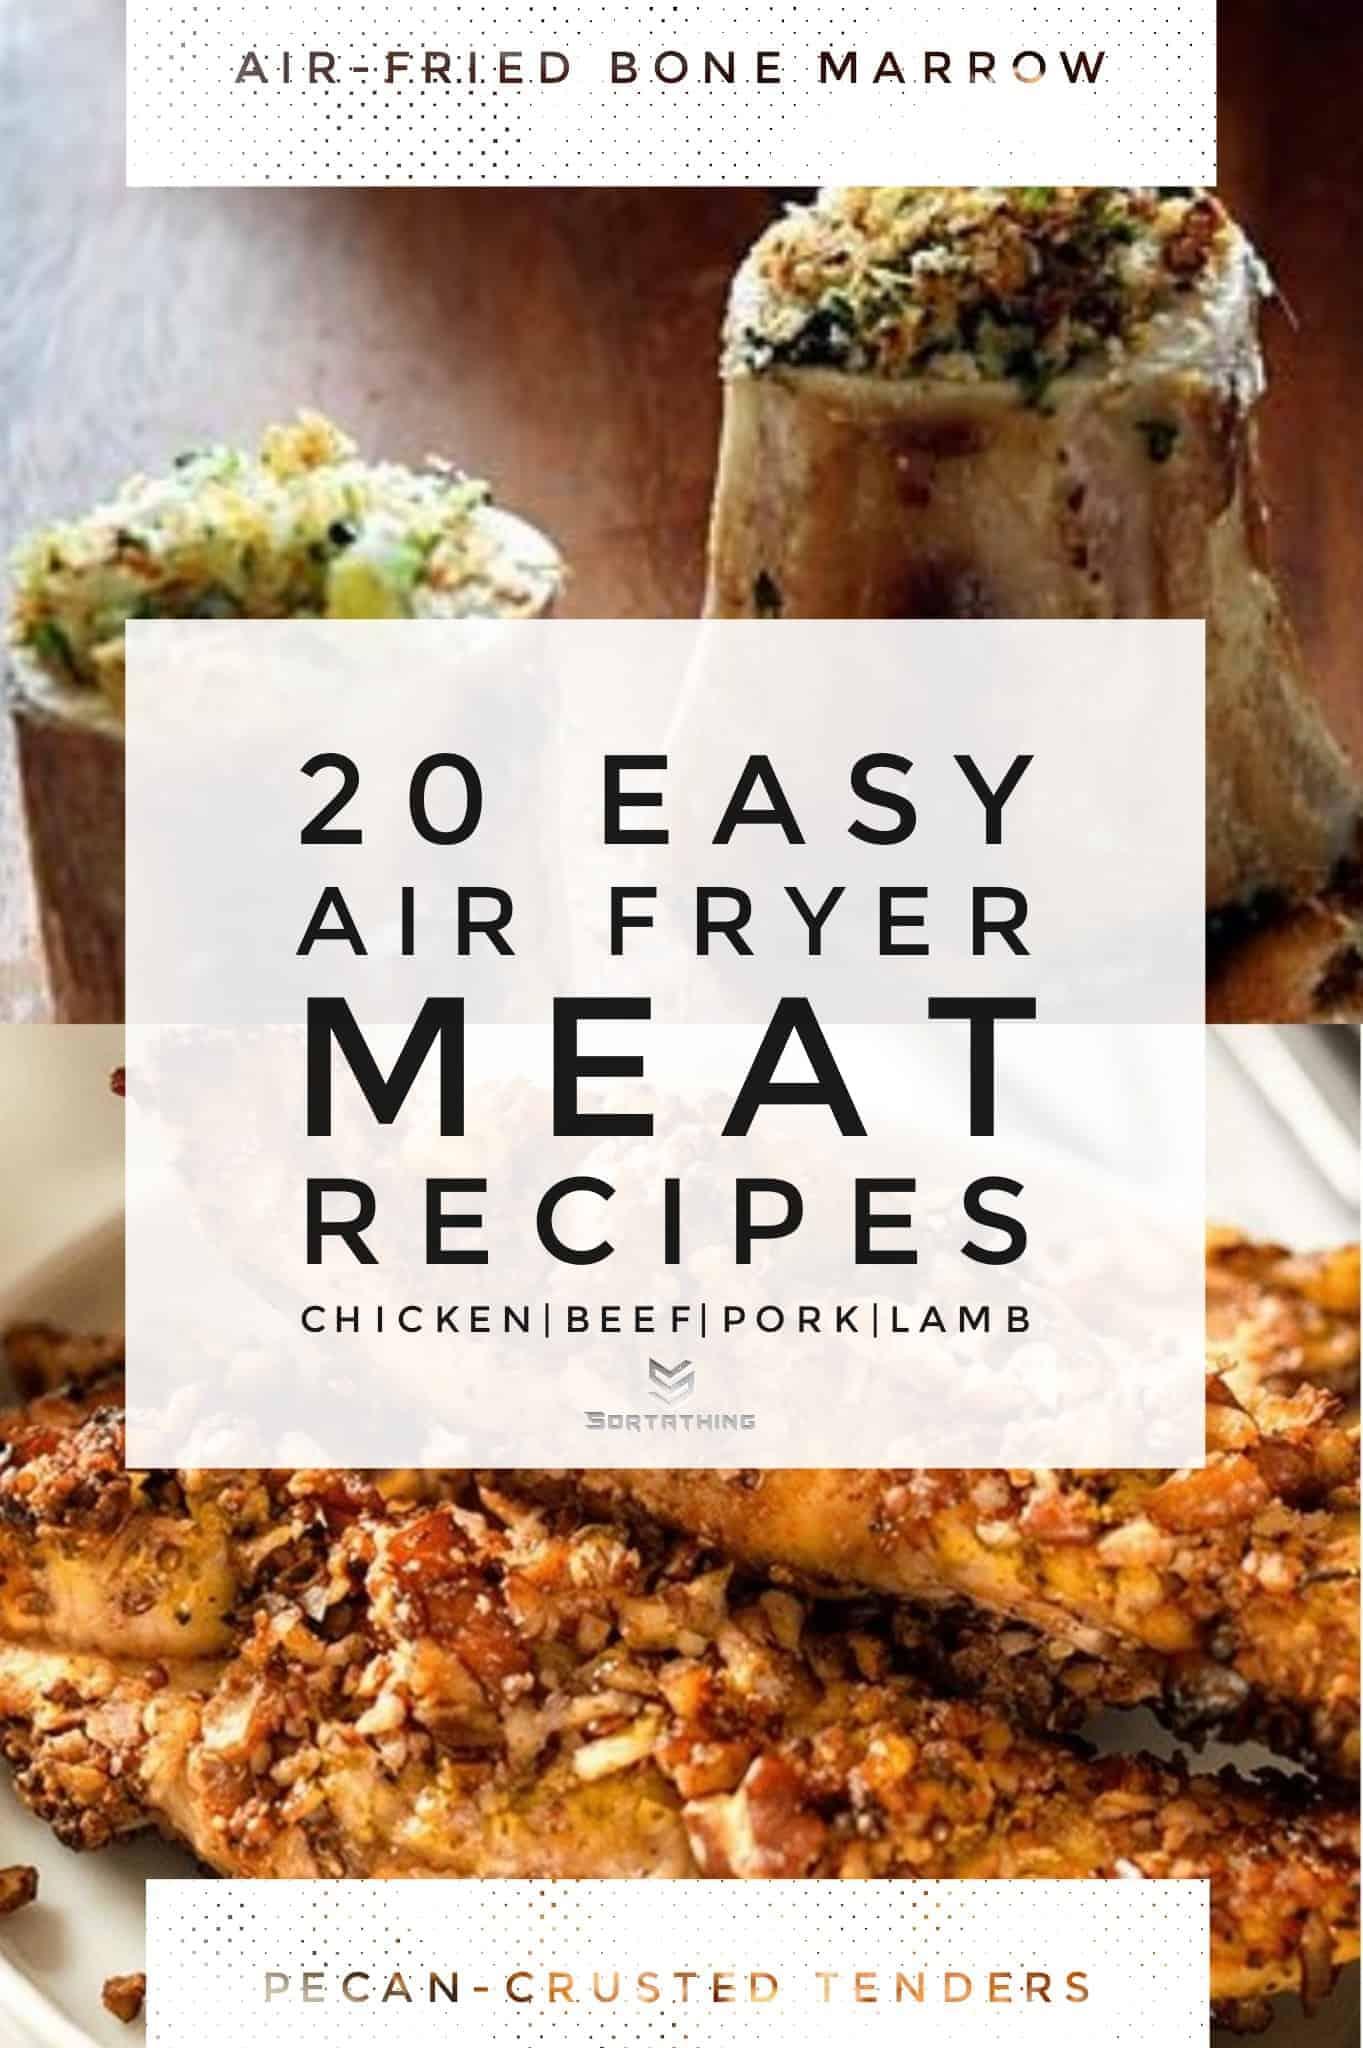 Roasted bone marrow & pecan-crusted chicken tenders